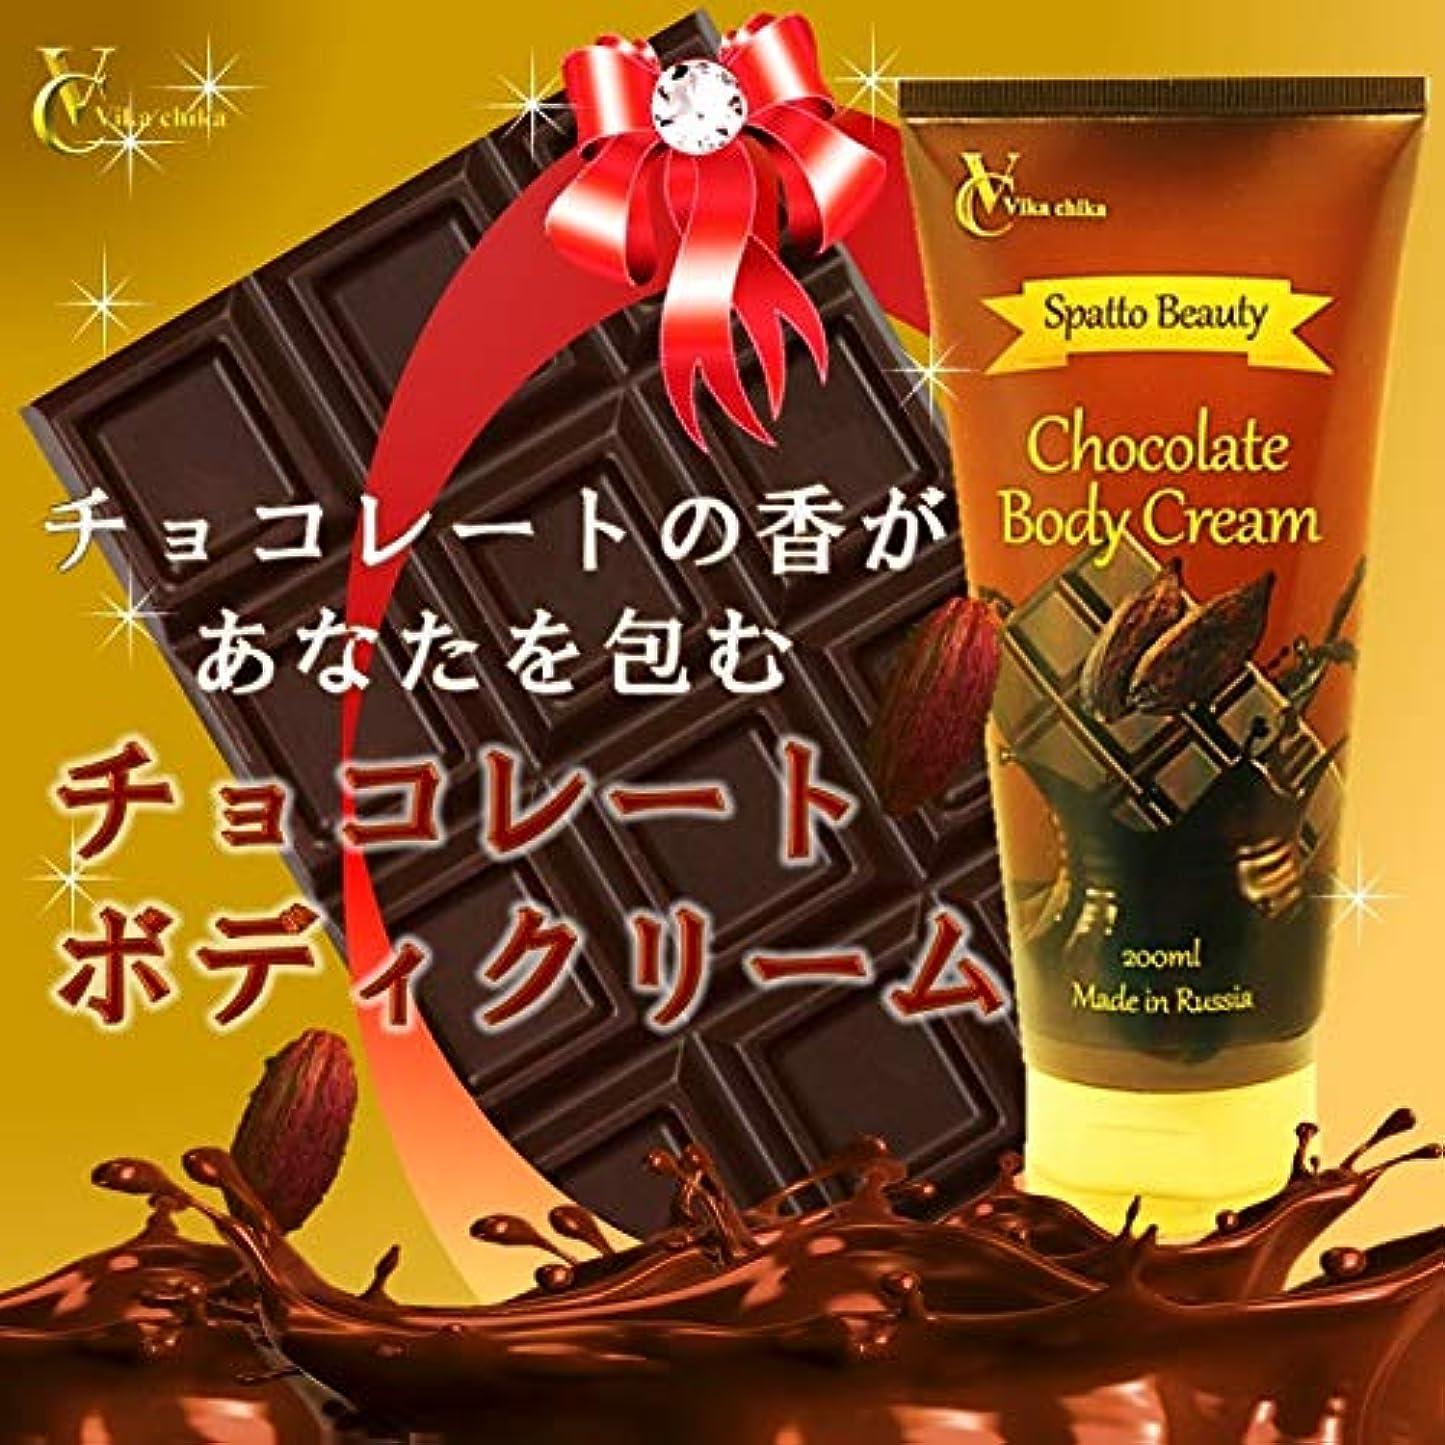 ホールドオール離れた愛されし者ビッカチカ スパッと ビューティ チョコレートボディクリーム 200ml